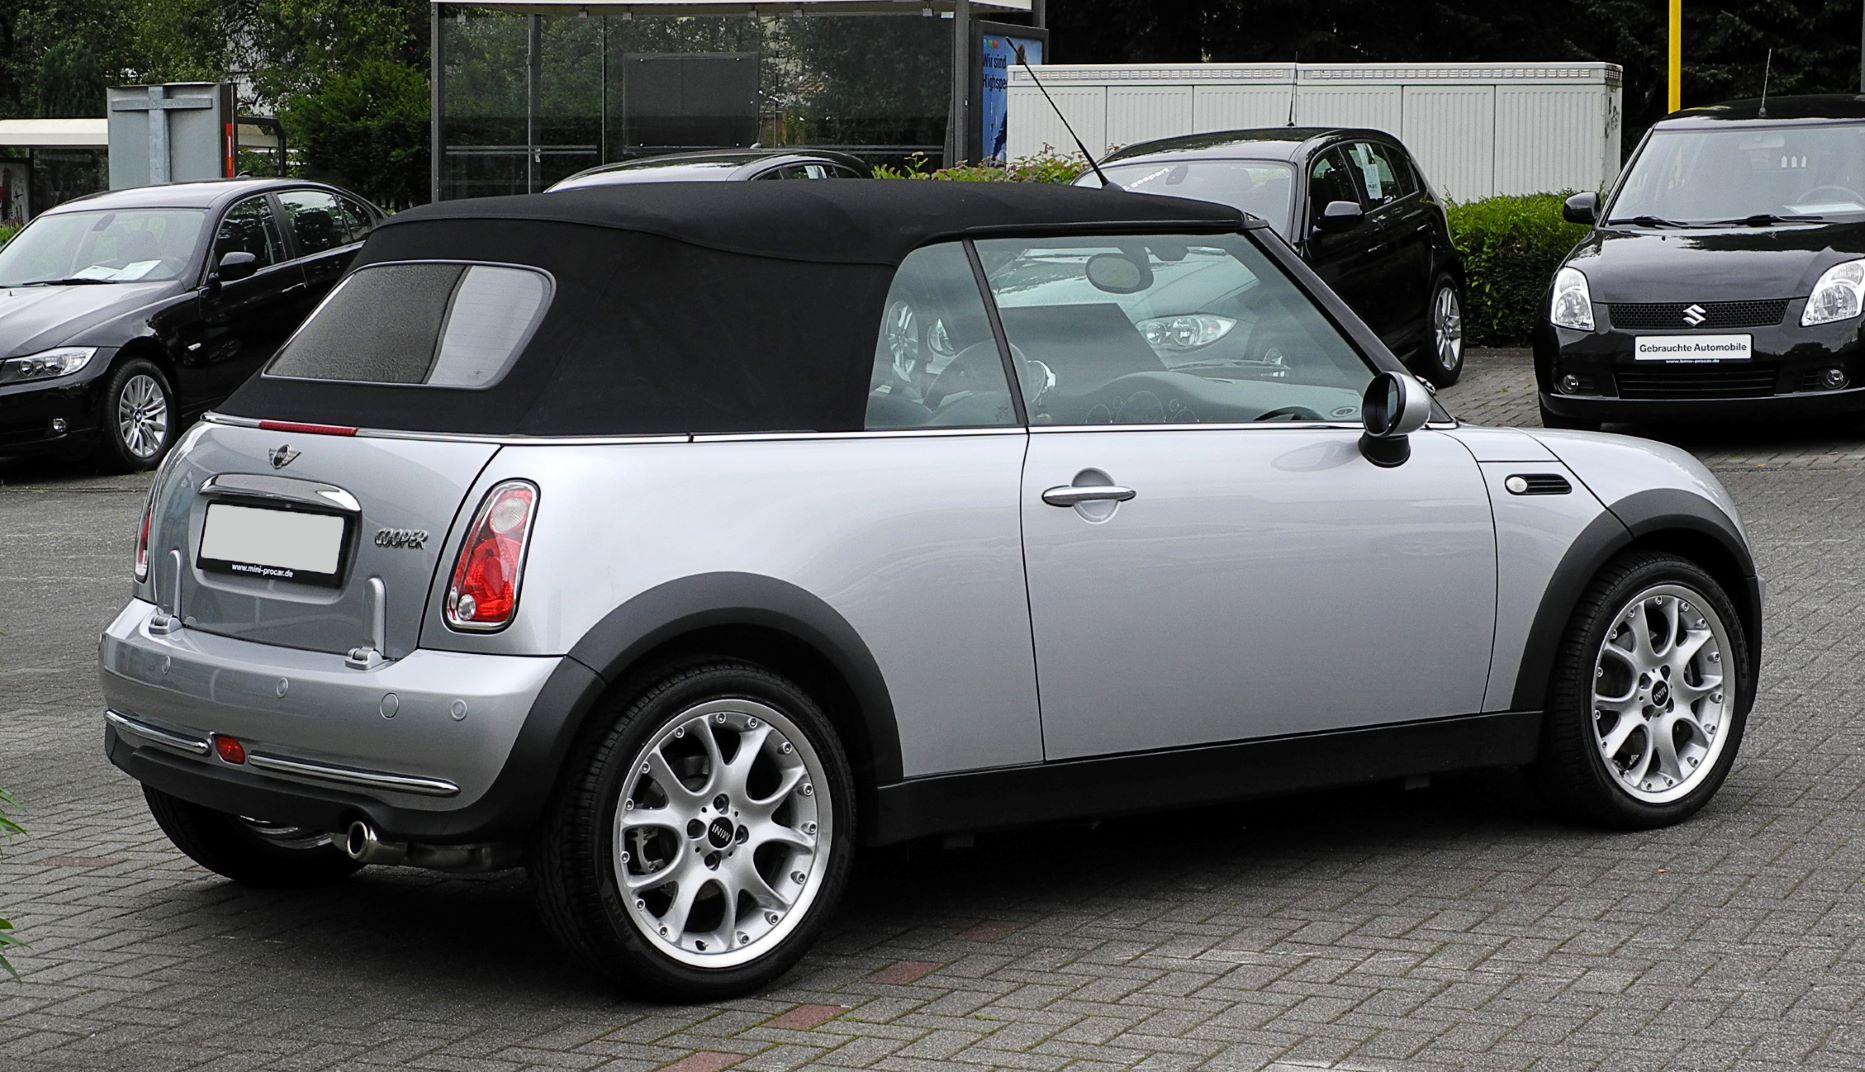 Auto cabrio MINI posteriore piccola